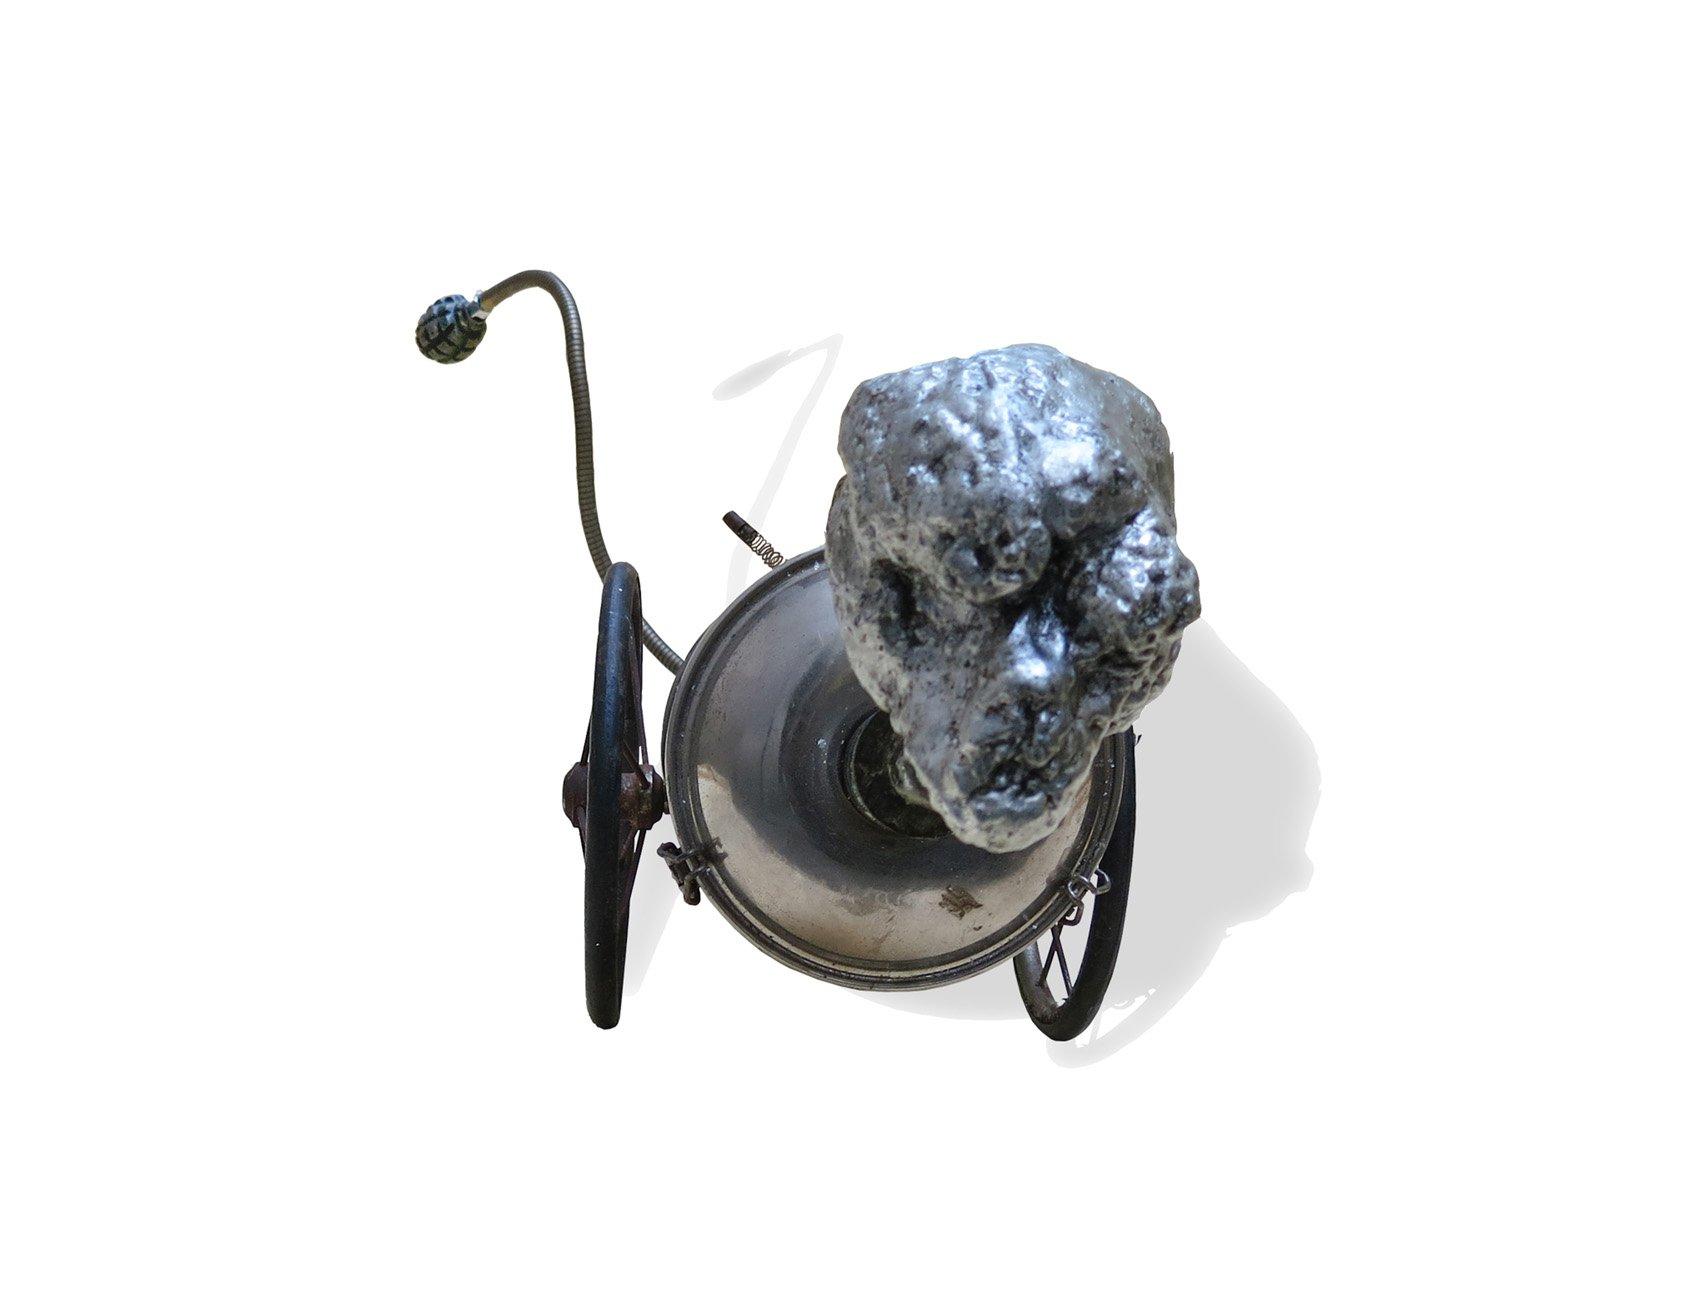 Physionomie du dictateur 1 oeuvre artiste contemporain Kamel Yahiaoui